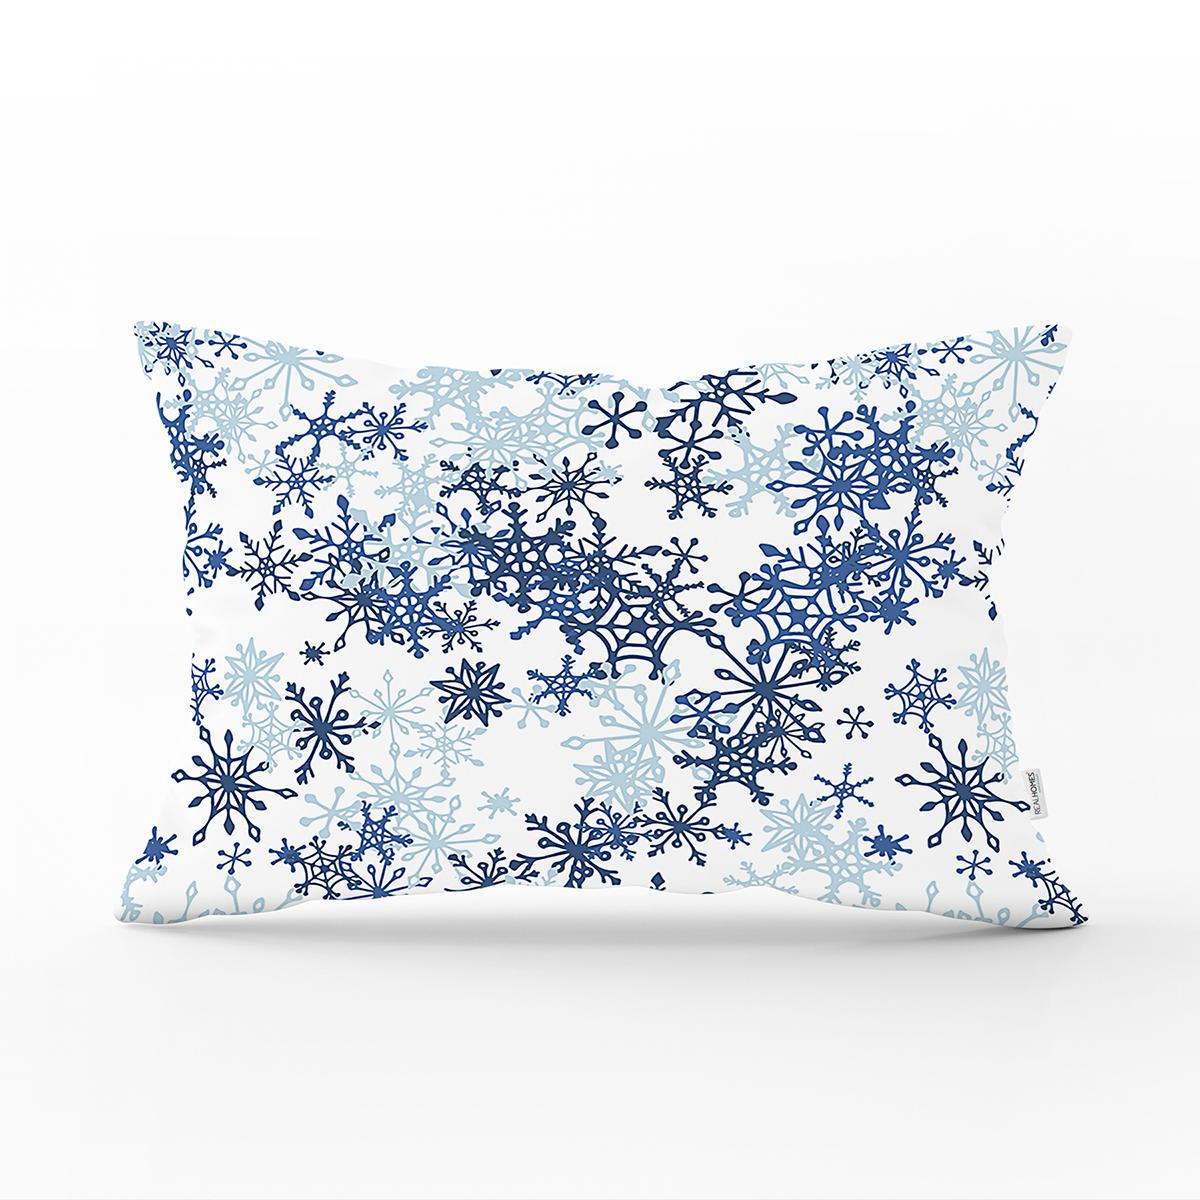 Beyaz Zeminde Mavi Kristal Ve Yıldız Motifli Özel Tasarım Modern Dikdörtgen Yastık Kılıfı Realhomes